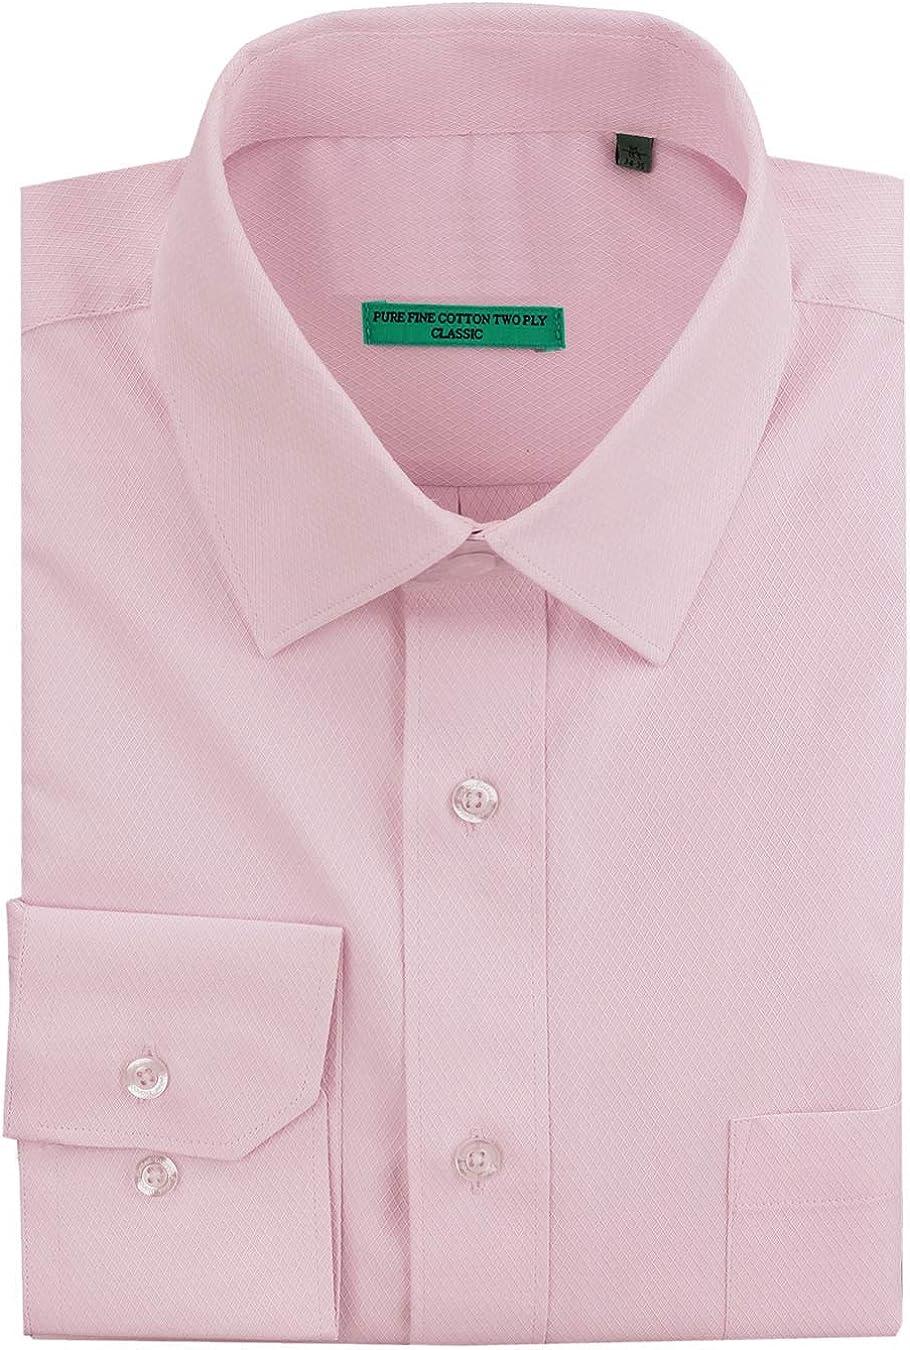 DTI BB Signature Men's Classic Fit Tone On Tone Diamond Pure Cotton Dress Shirt